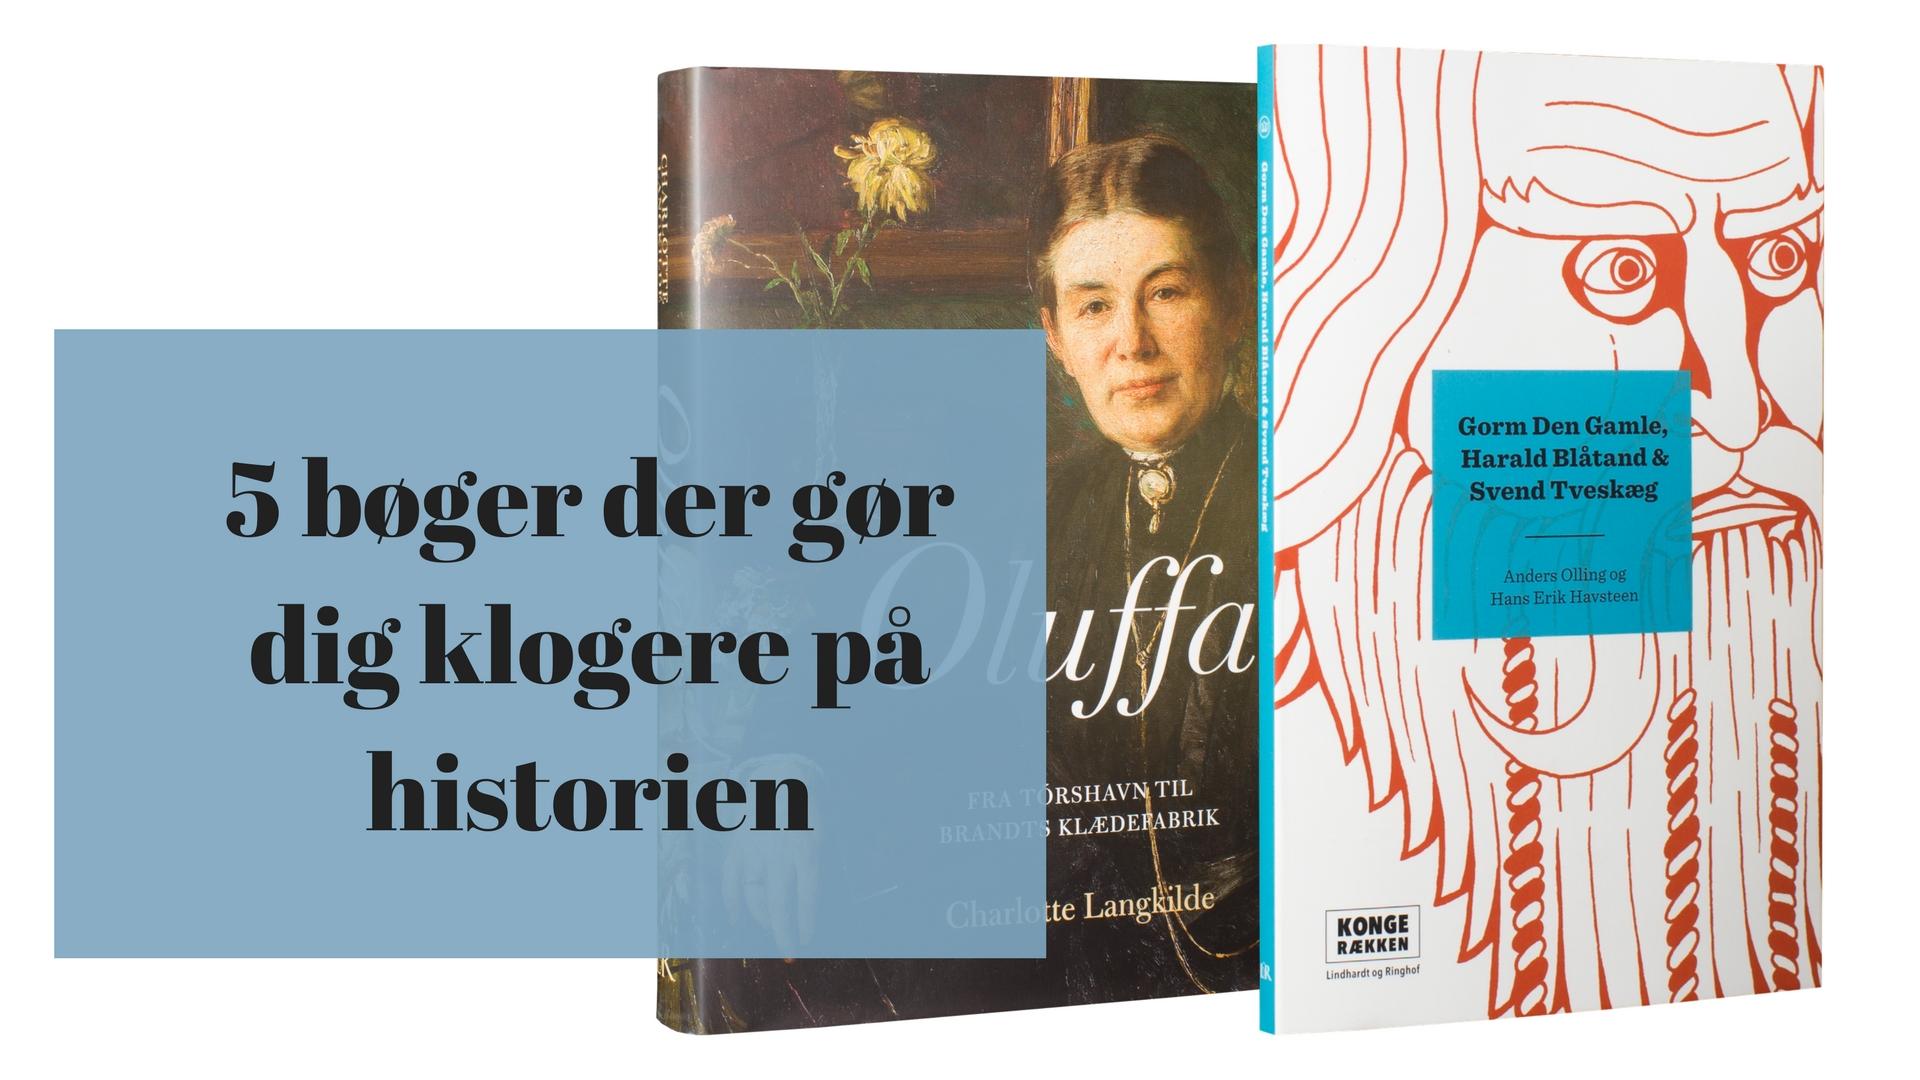 5 bøger der gør dig klogere på historien